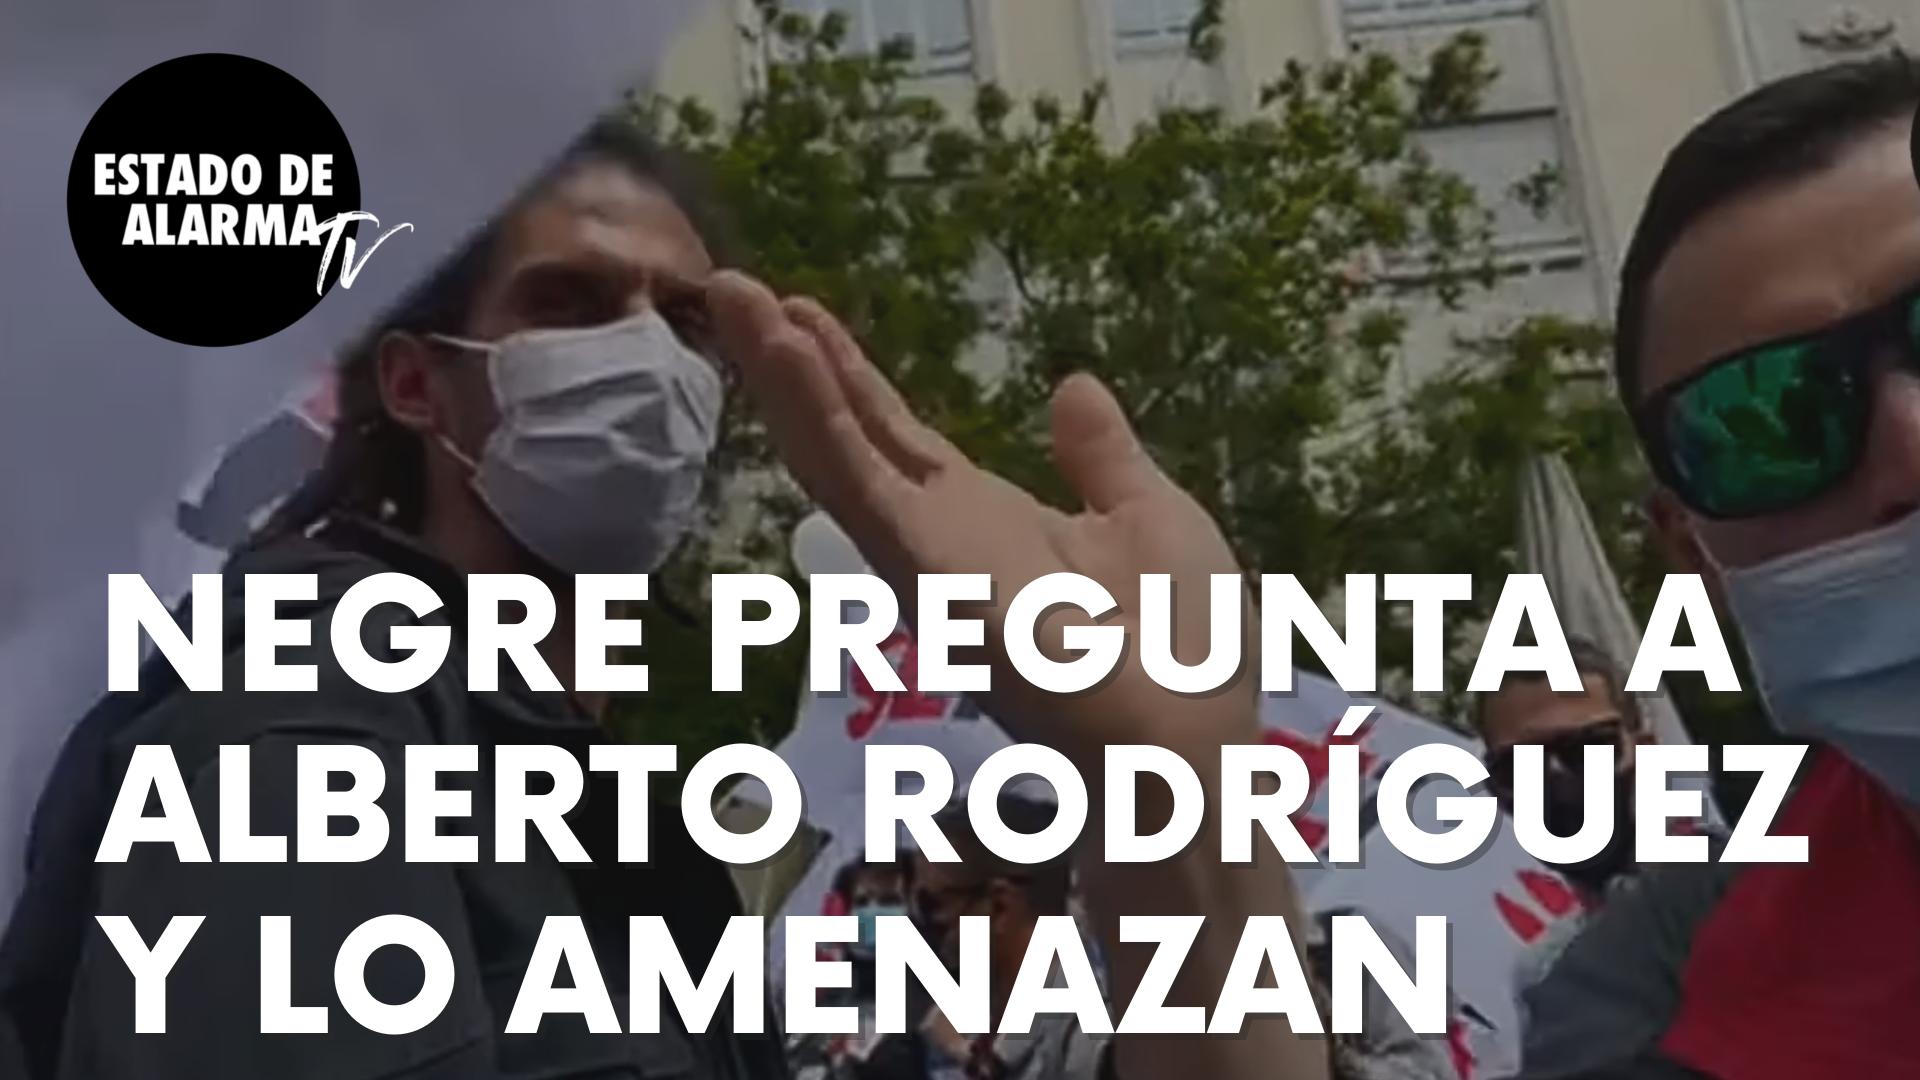 """La pregunta de Negre a Alberto Rodríguez que provoca estas graves amenazas: """"Te deberían agredir"""""""